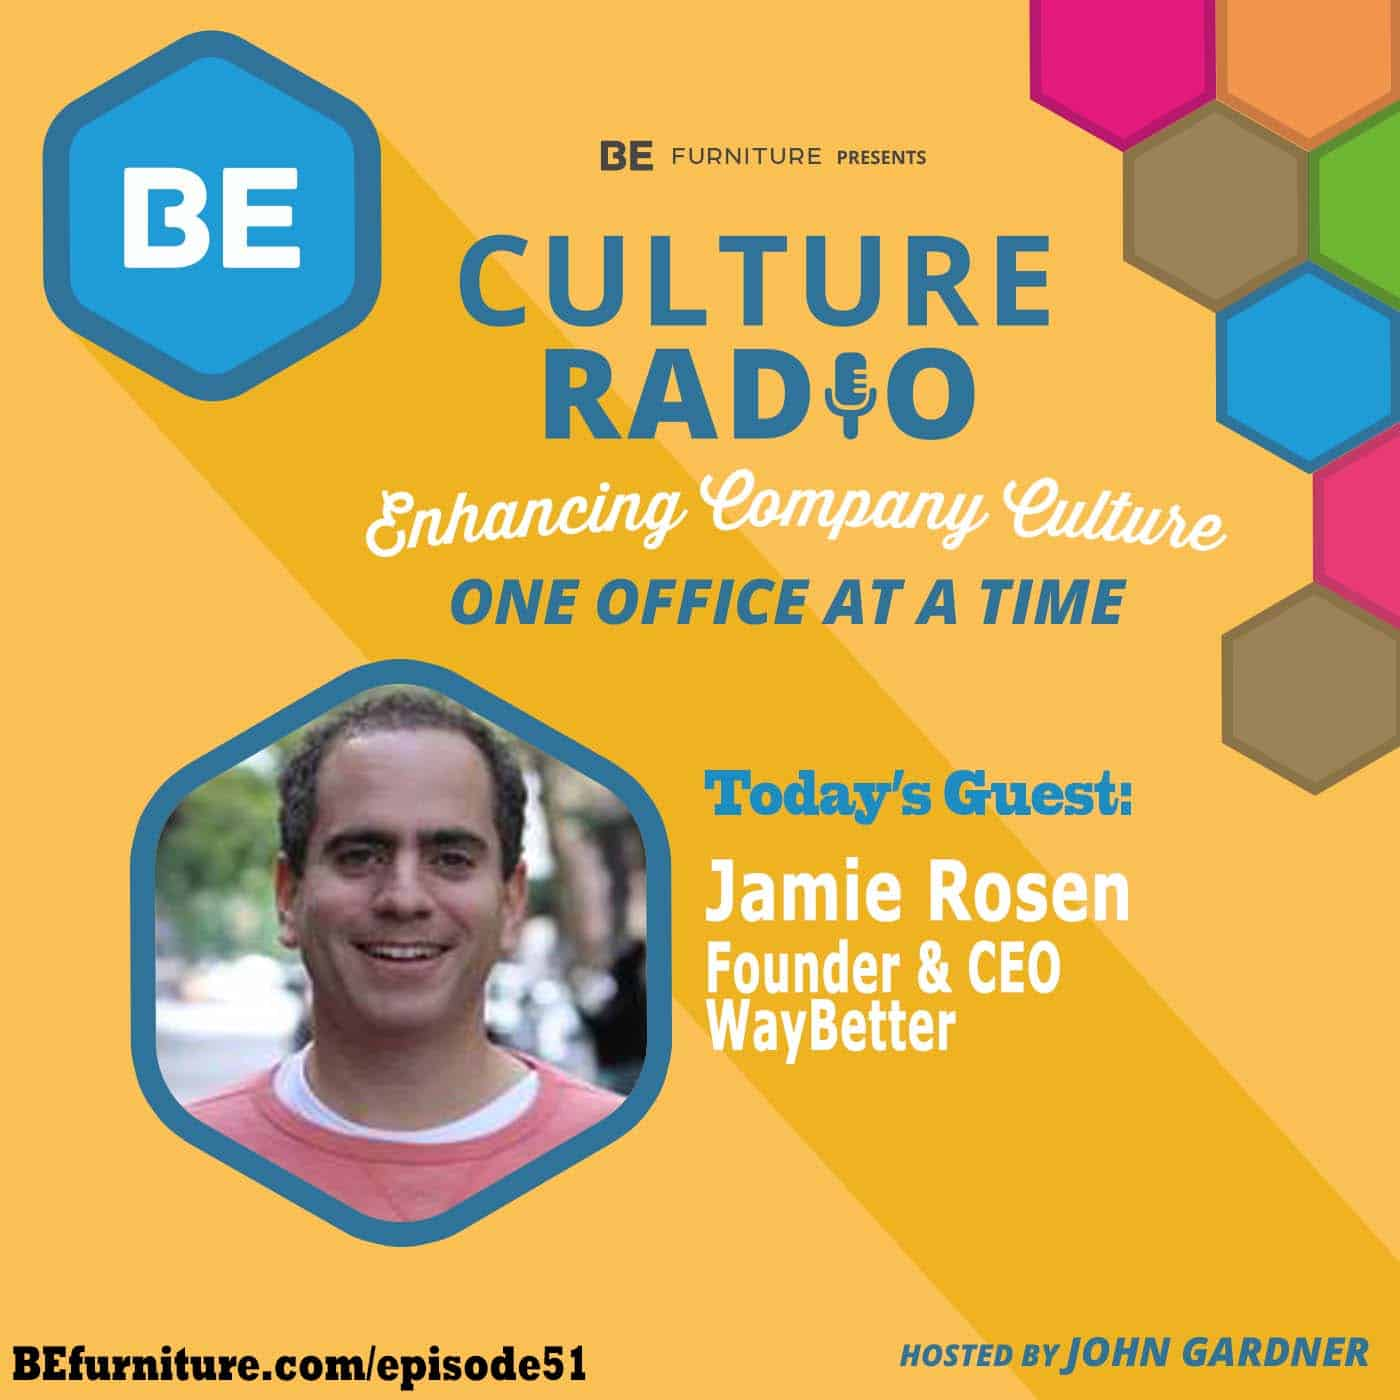 Jamie Rosen - CEO, WayBetter